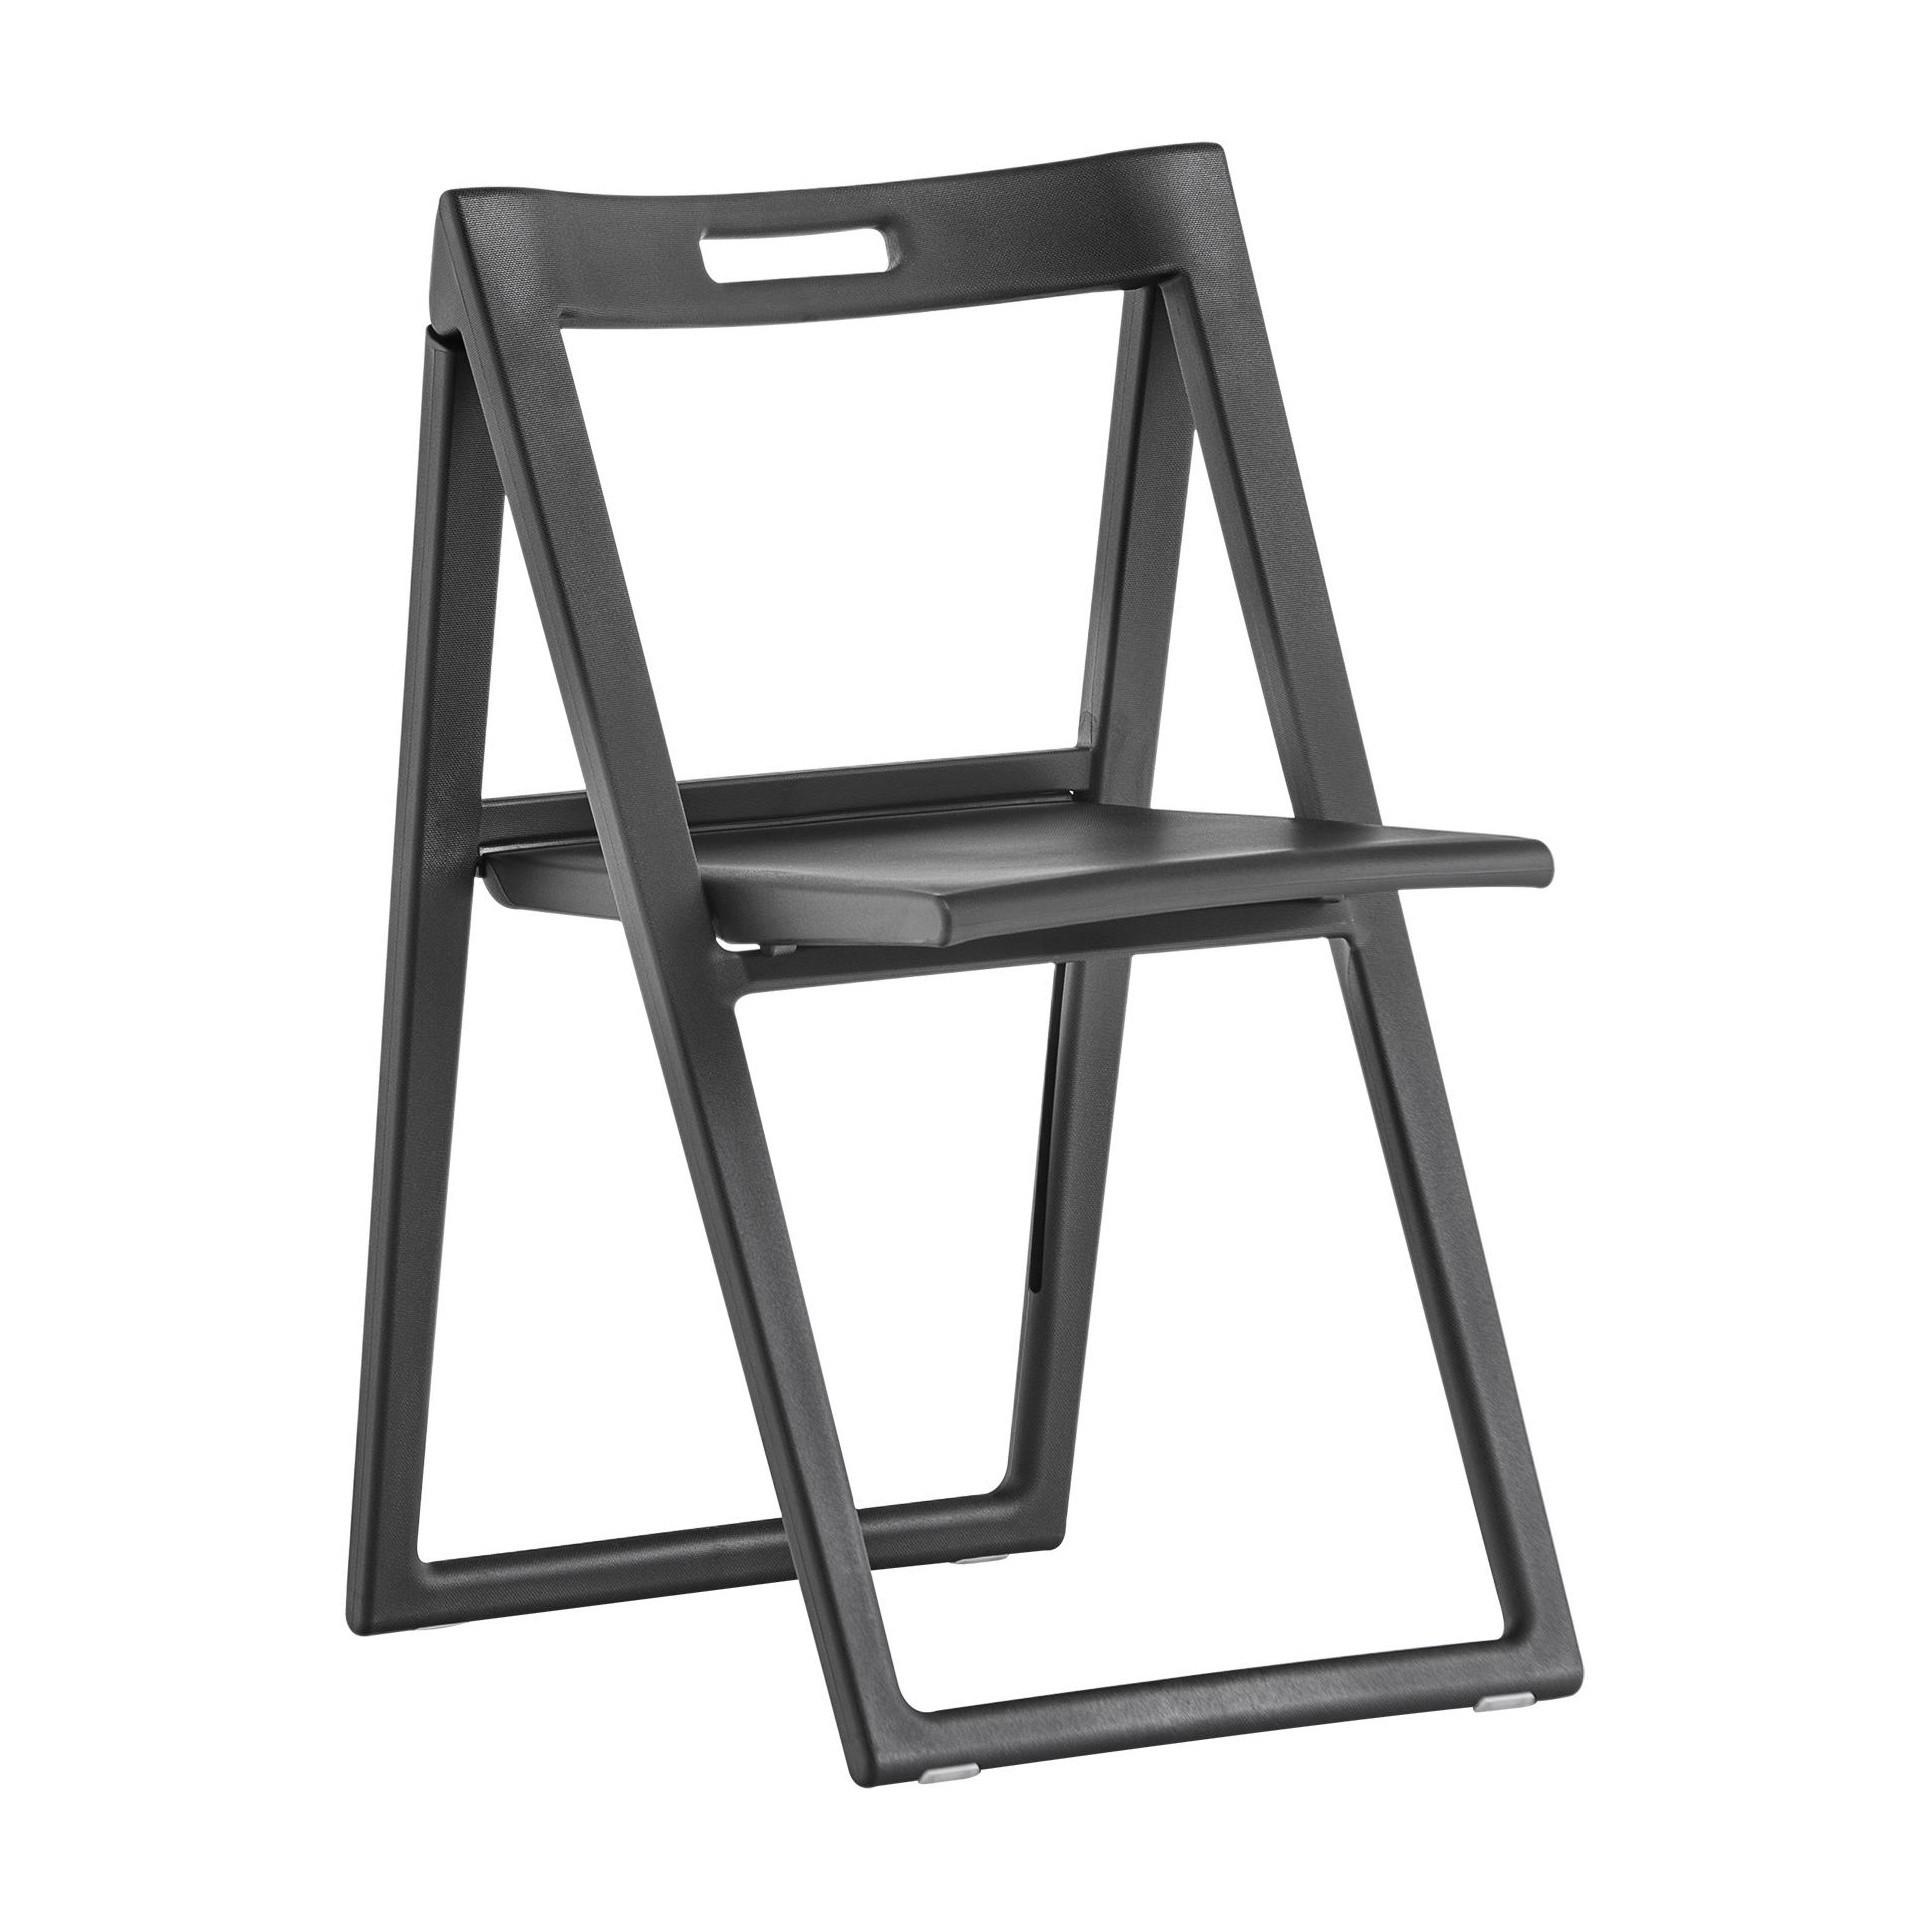 Remarkable Enjoy 460 Garden Chair Foldable Ncnpc Chair Design For Home Ncnpcorg